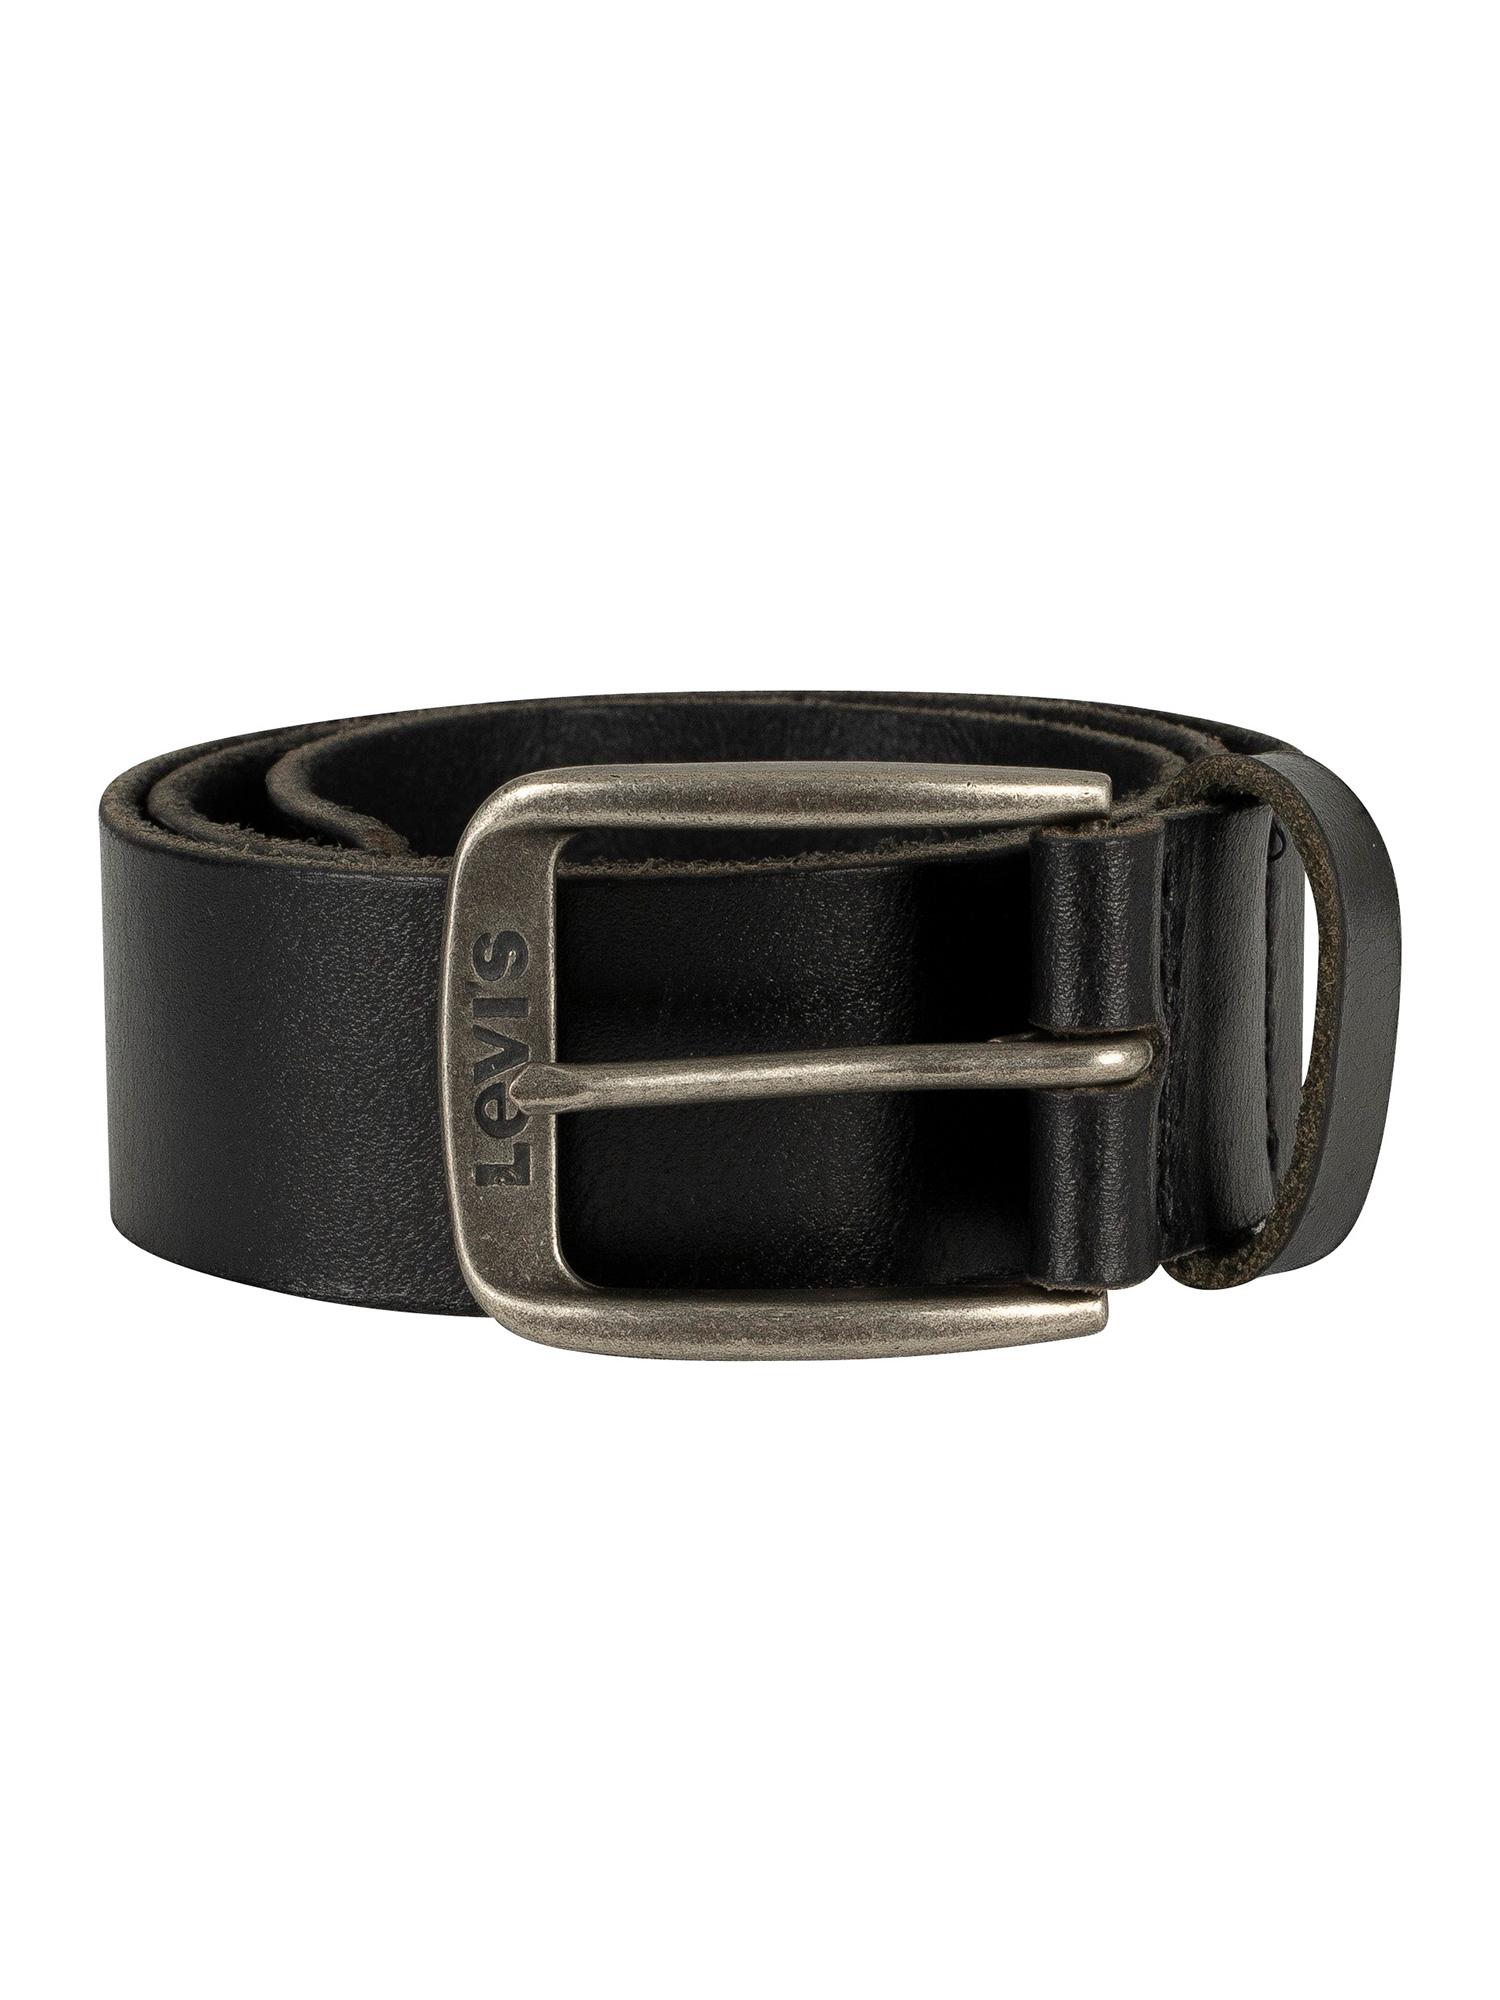 Alturas-Leather-Belt